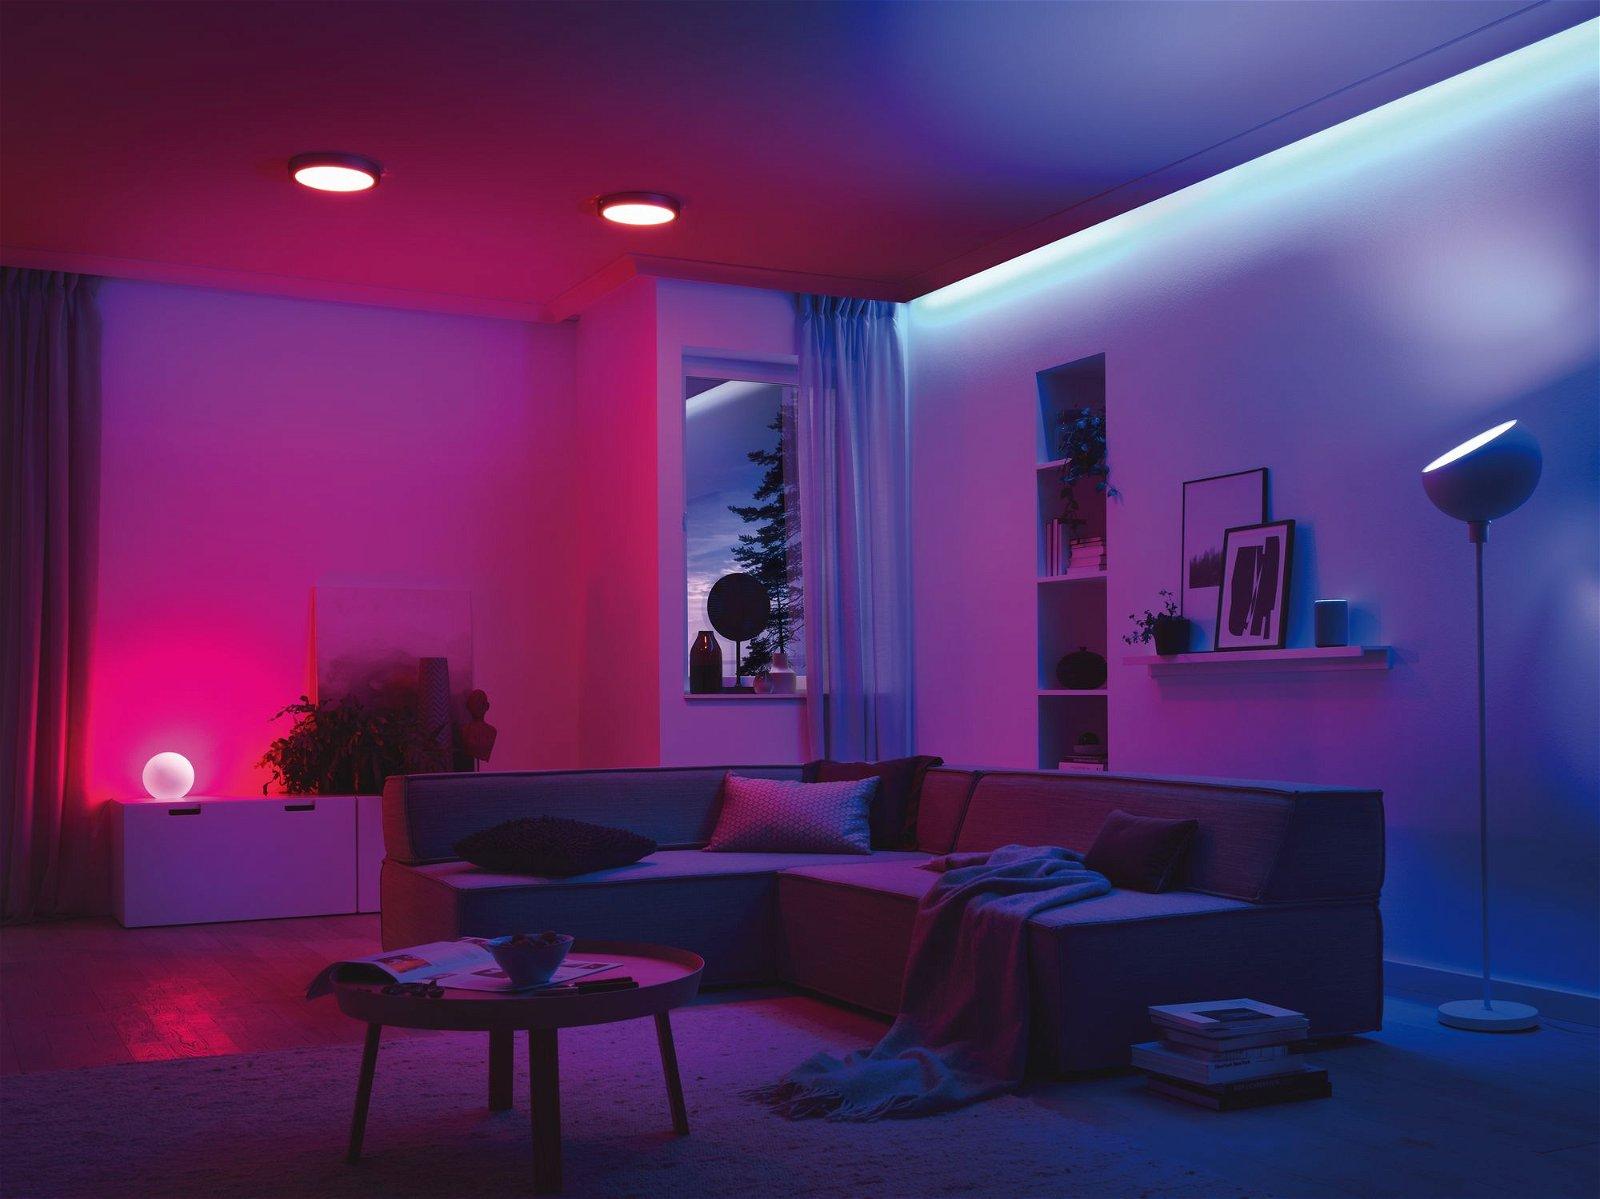 Smart Home Zigbee LED Reflektor 3,5W GU10 RGBW dimmbar